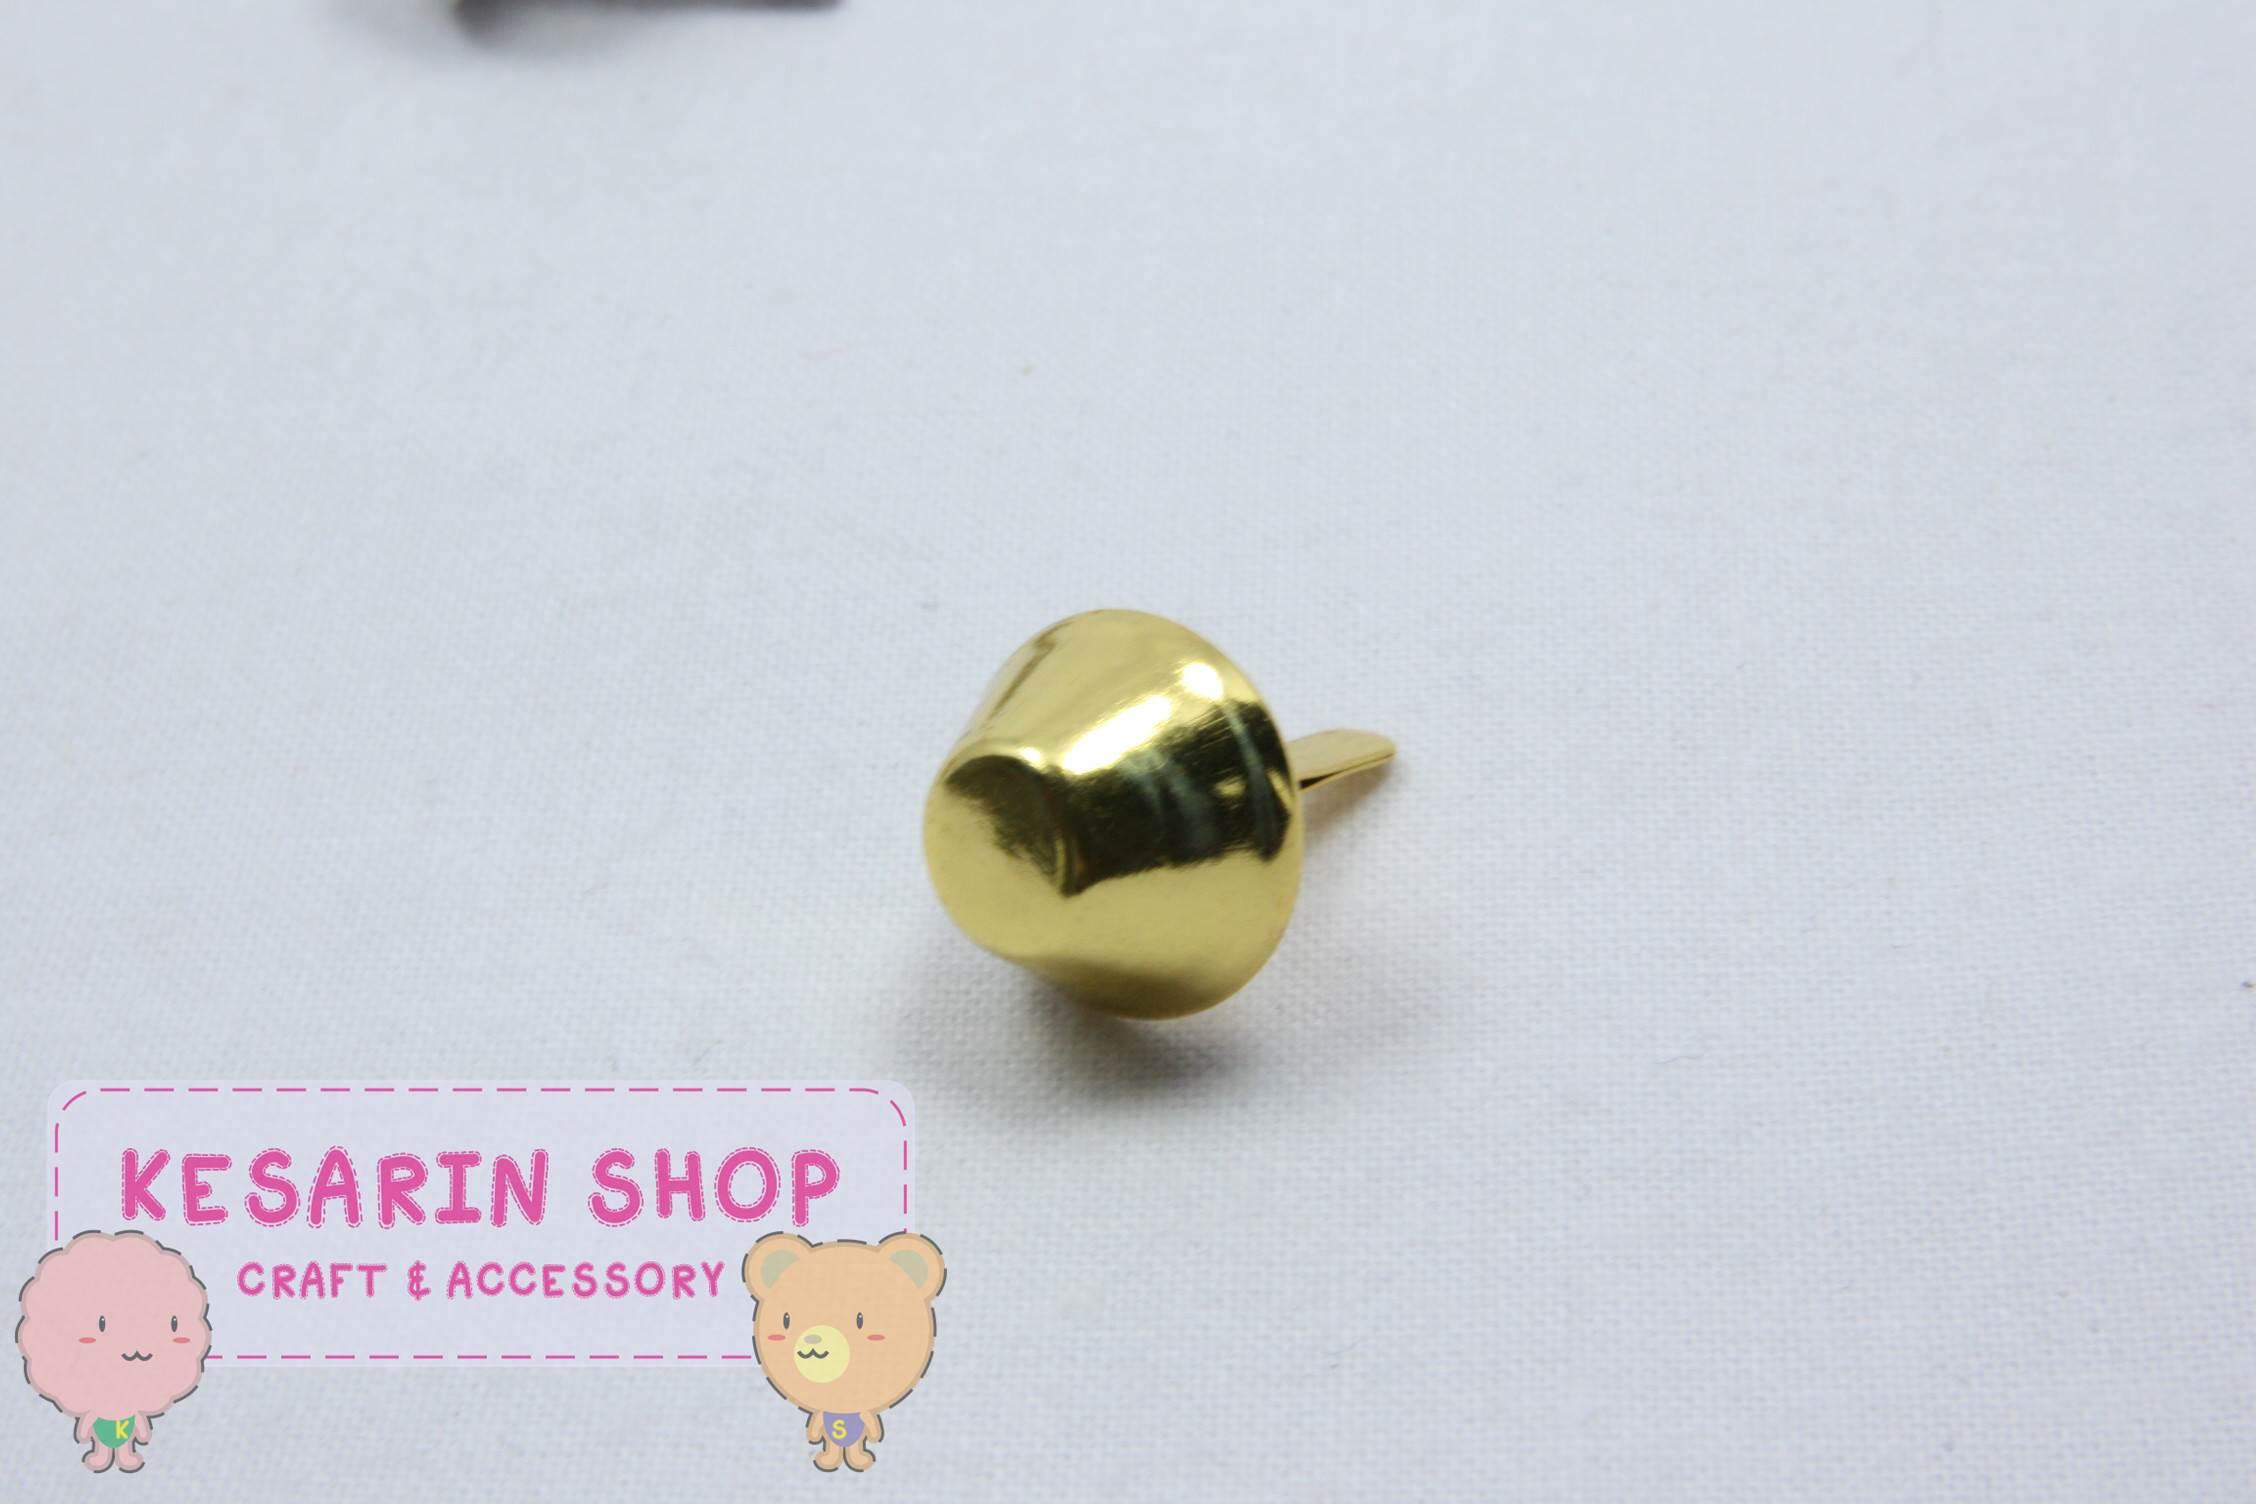 หมุดรองกระเป๋า สีทอง (1เม็ด)